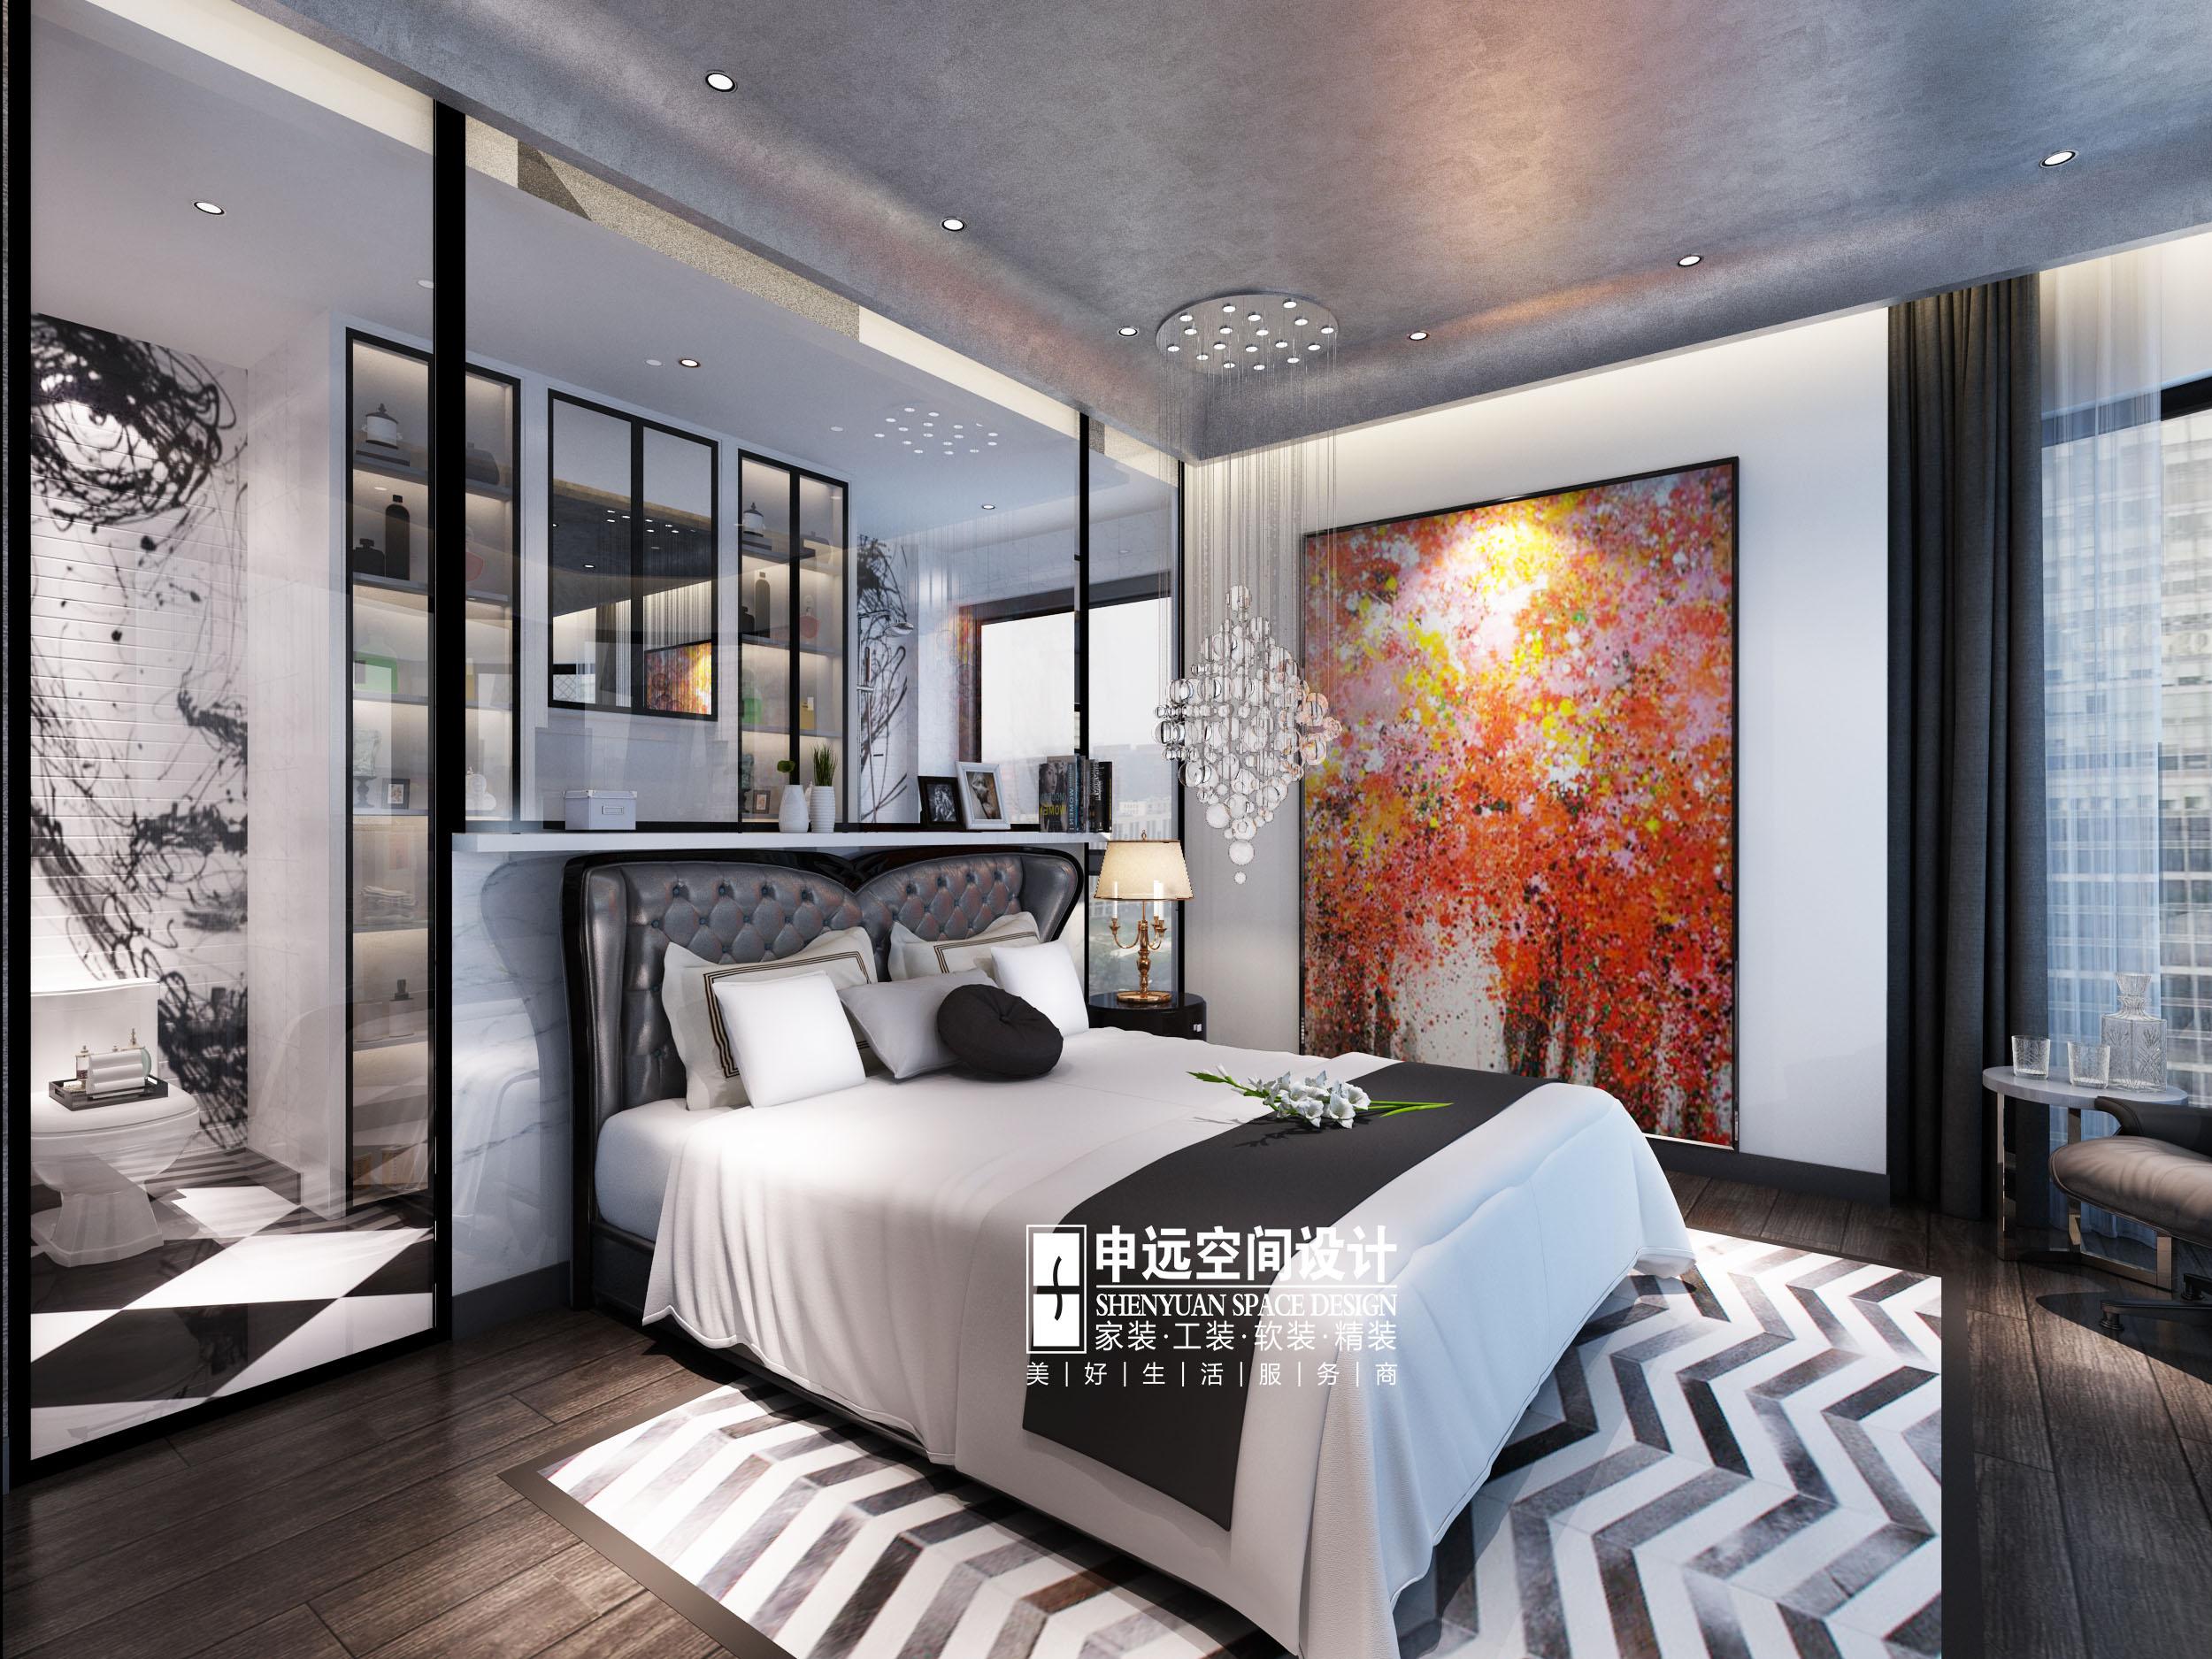 欧式 简约 别墅 简欧 卧室图片来自申远空间设计北京分公司在简约欧式-财富公馆的分享